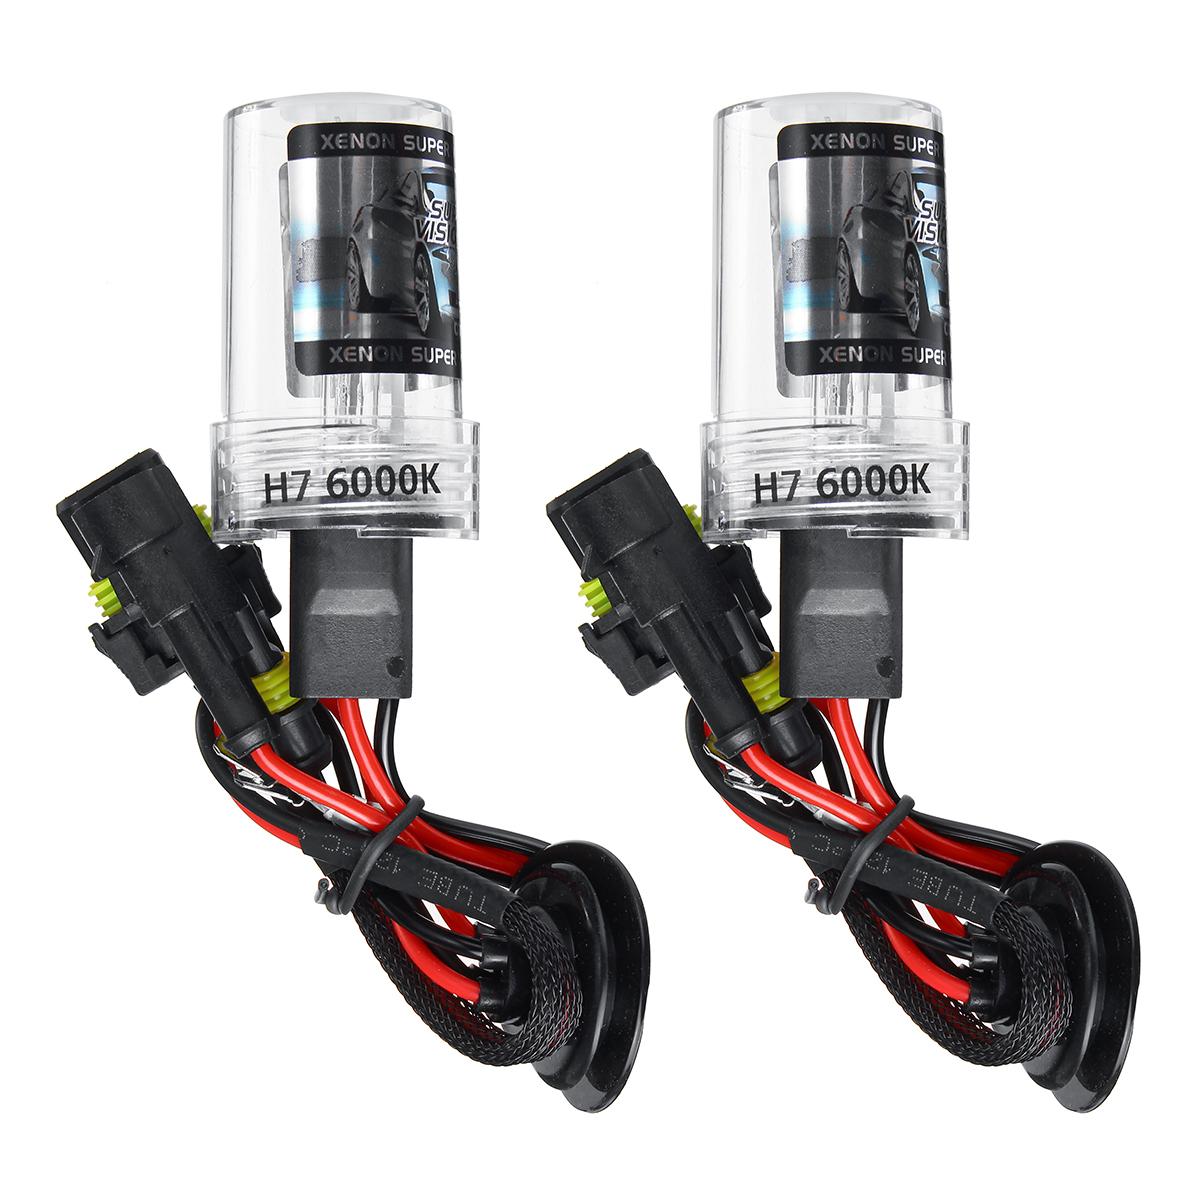 Шт H7 Авто HID ксеноновые фары лампы преобразования KIT 55 Вт постоянного тока 9-16 В 5500LM 5000K / 6000K / 8000K IP68